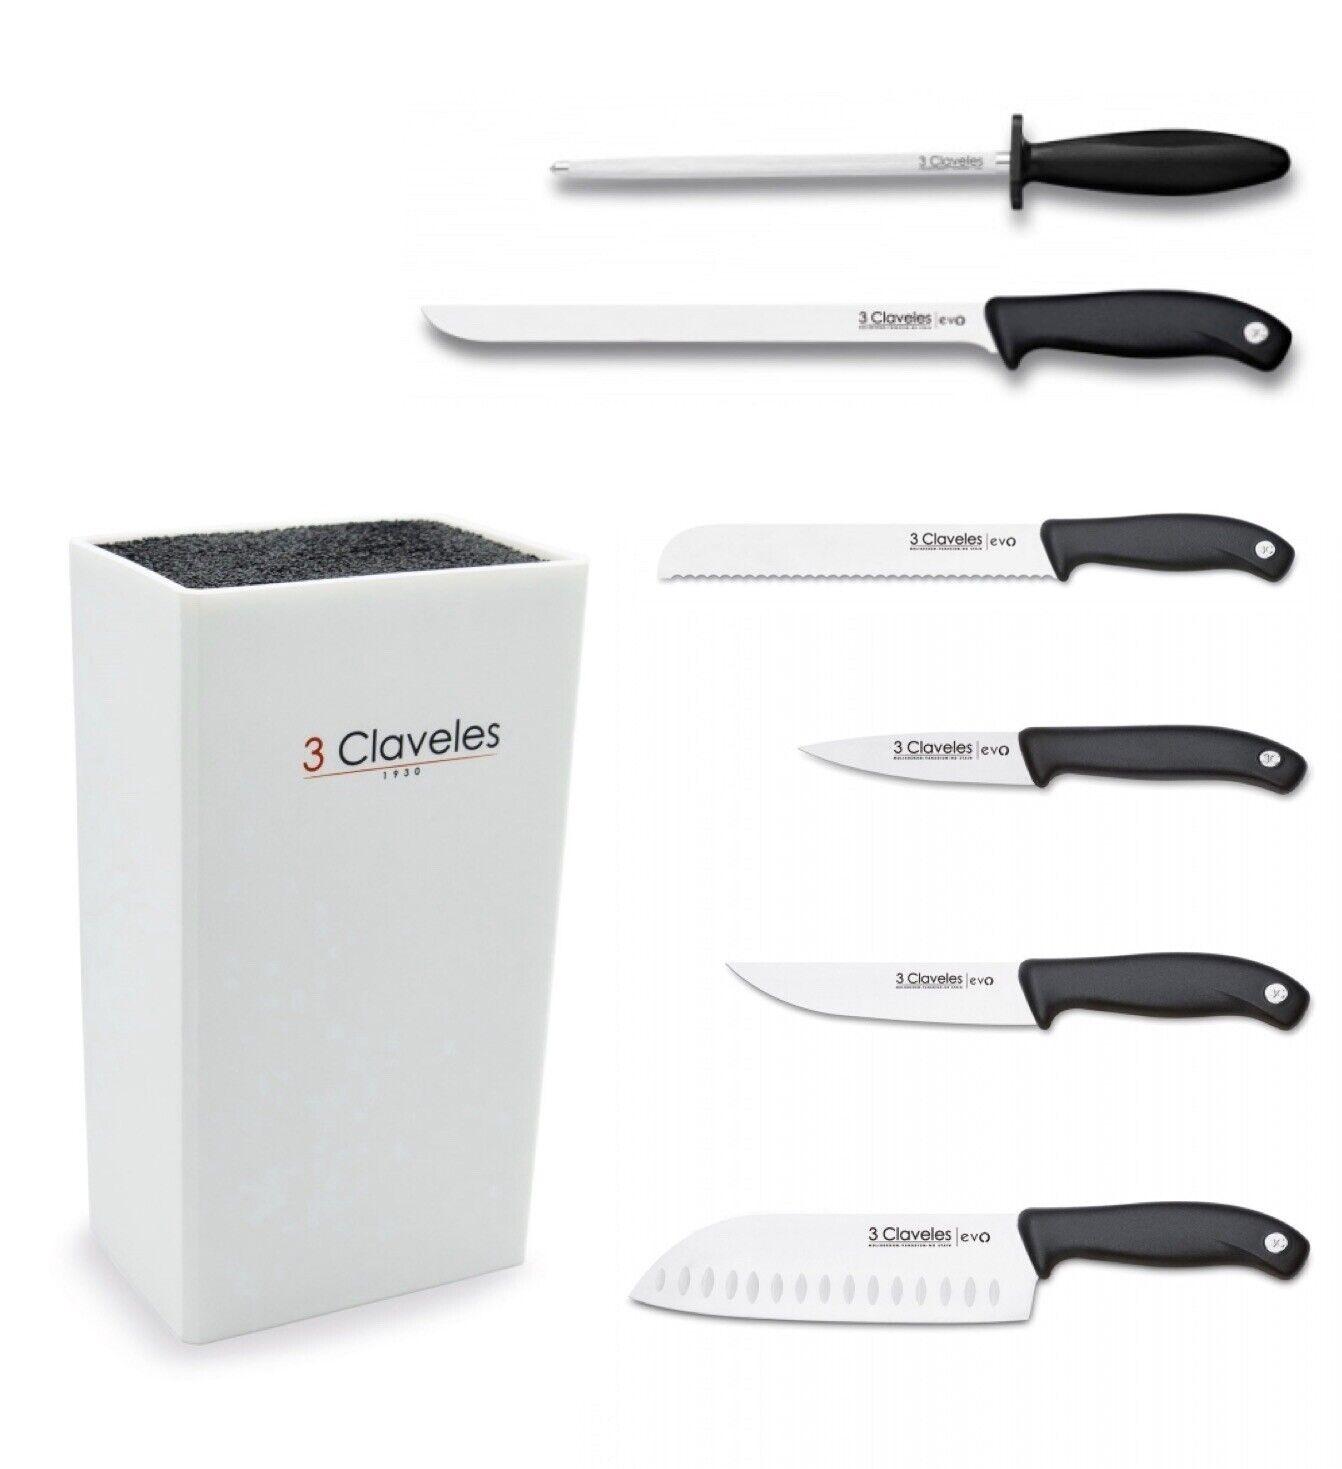 Set De Cuchillos Cocina 3 Claveles Linea Evo